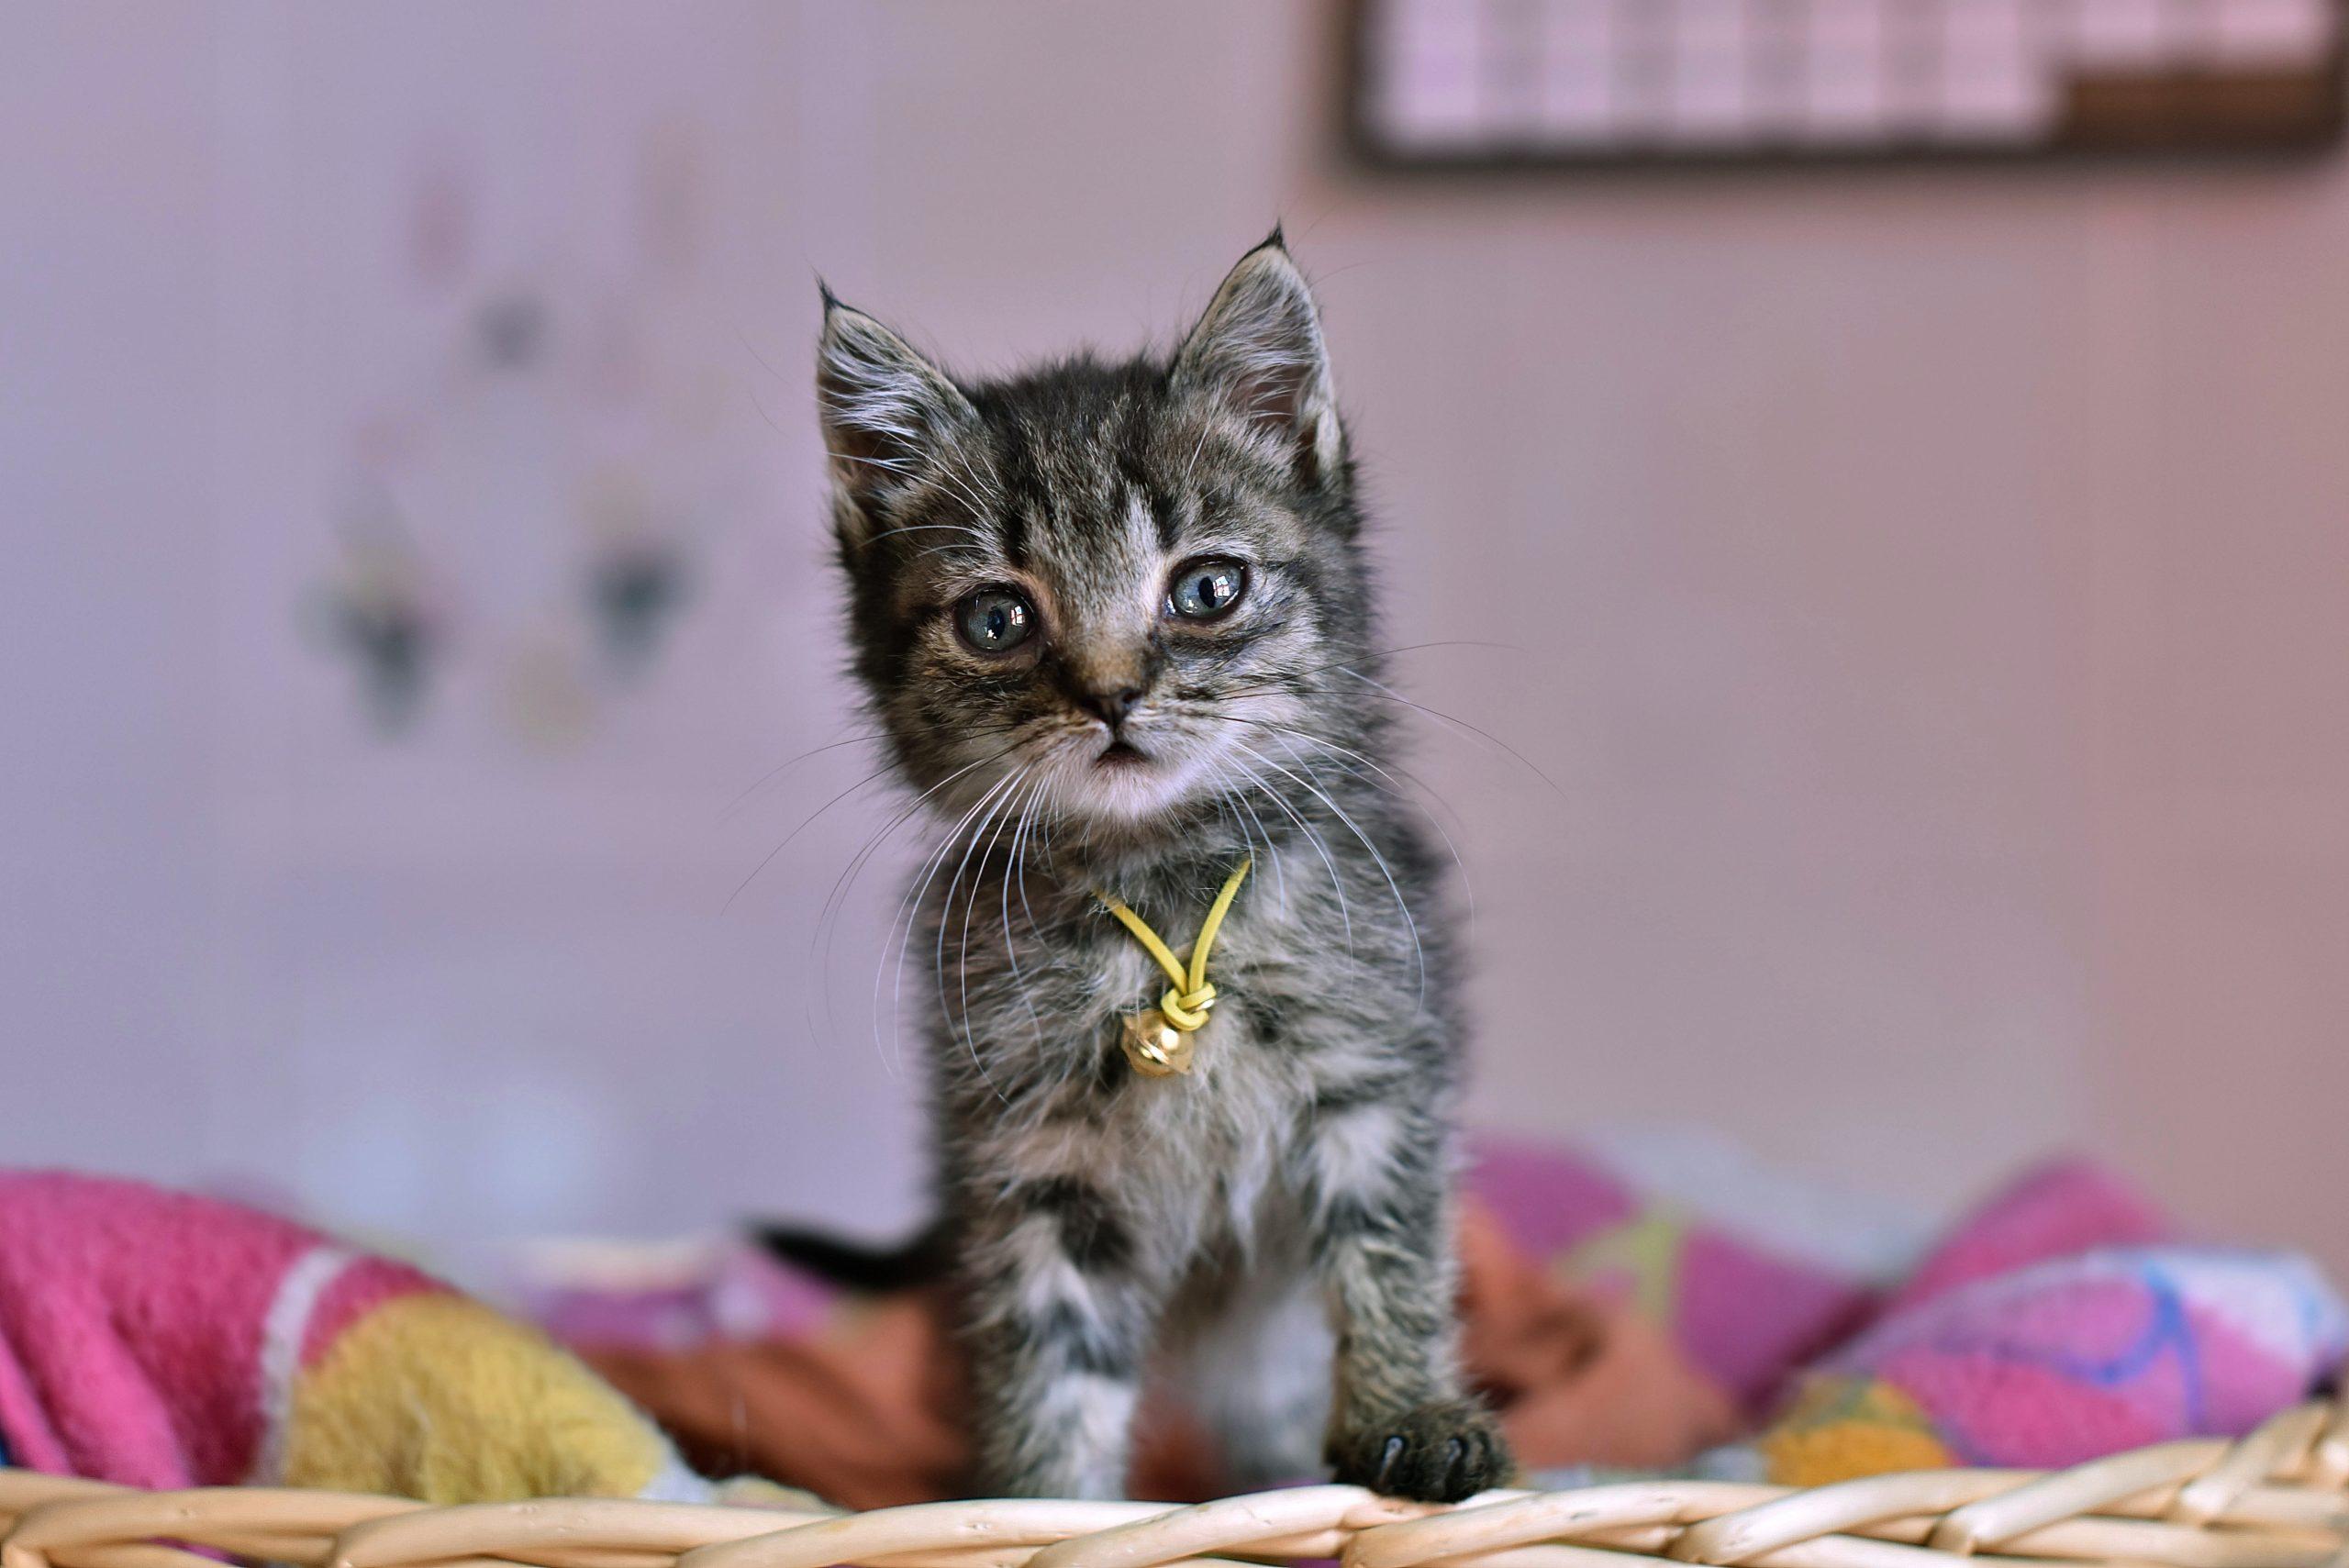 【2020年】猫の可愛い動画【猫が可愛くてずっと見ていられます】